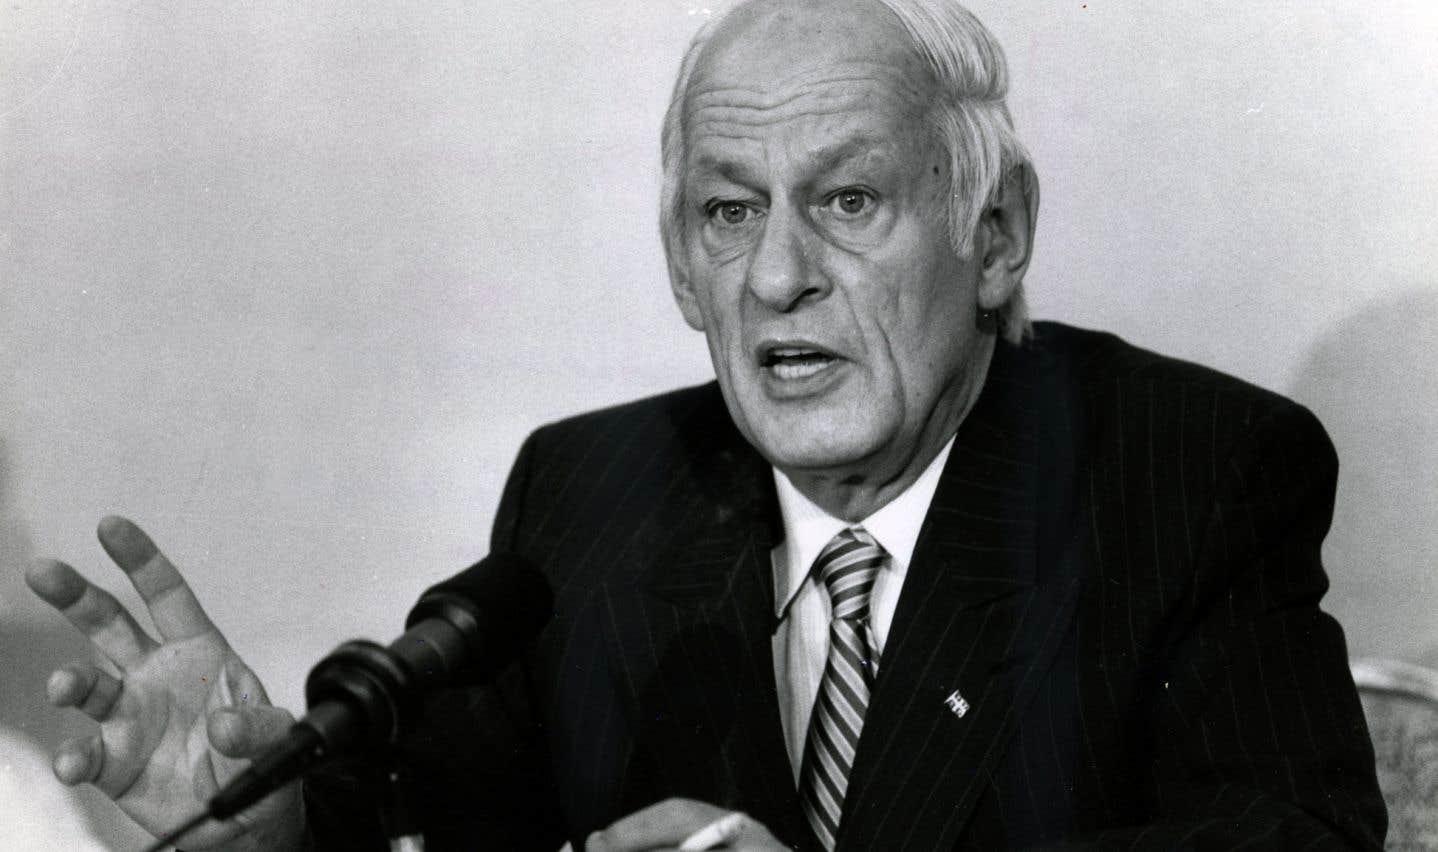 Tout se passe comme si René Lévesque avait emporté avec lui la ferveur qui a animé le Québec de son époque, a dit l'ex-premier ministre Lucien Bouchard lors d'une allocution.